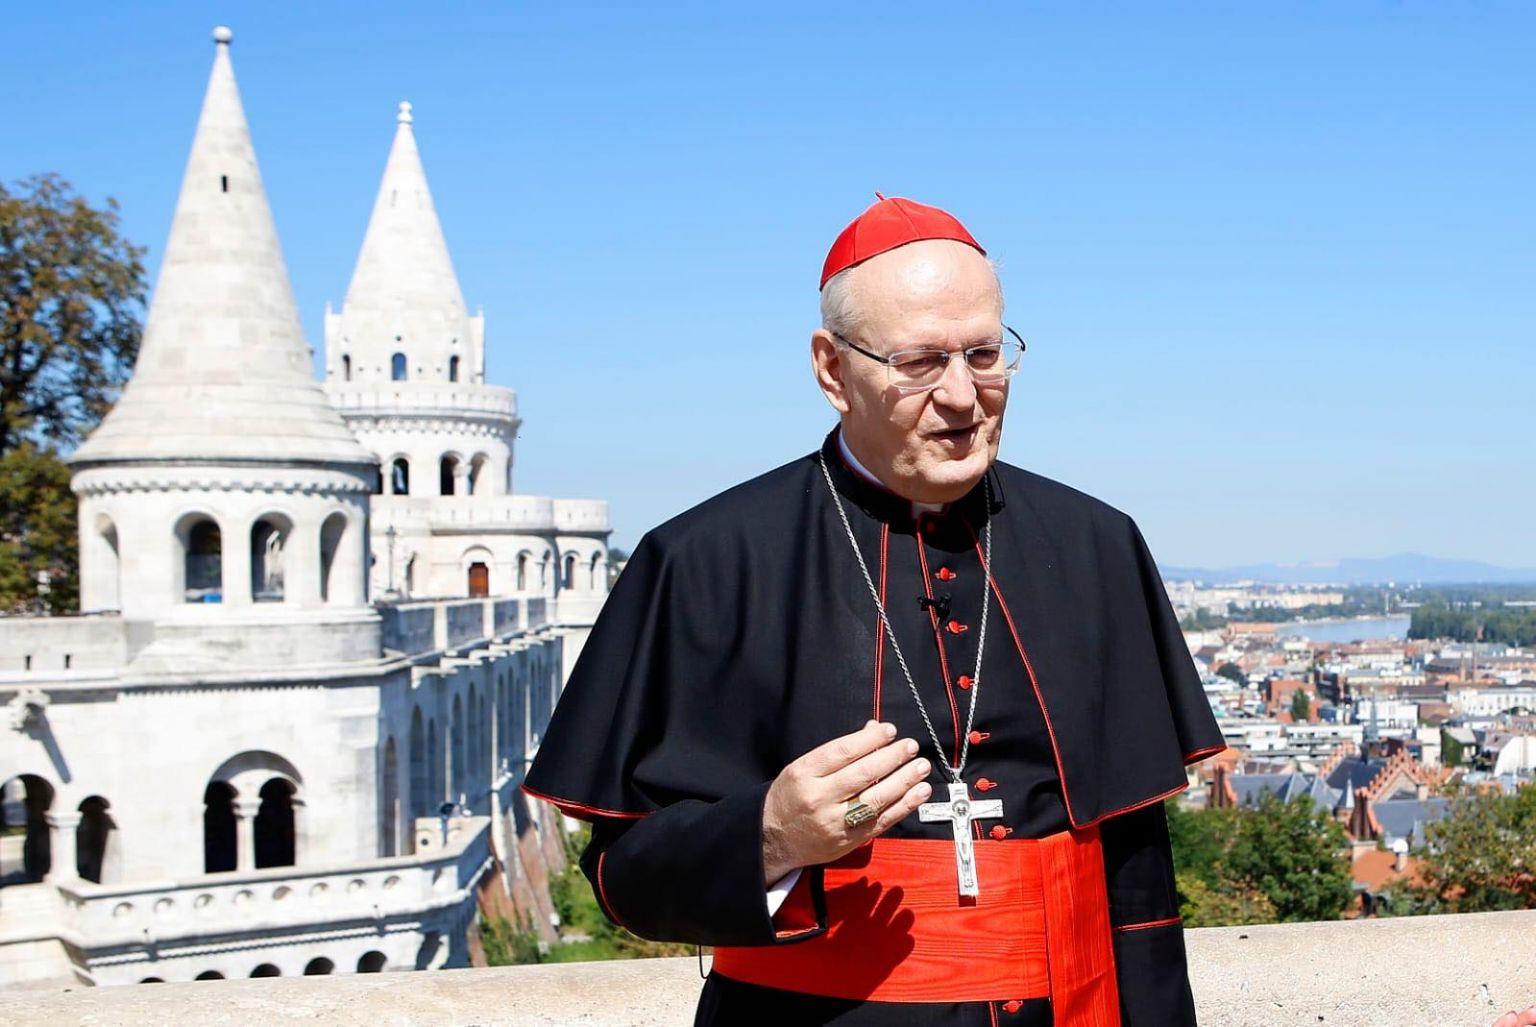 Erdő Péter bíboros áldását küldte a különböző egyházzenei stílusok együttműködésére.